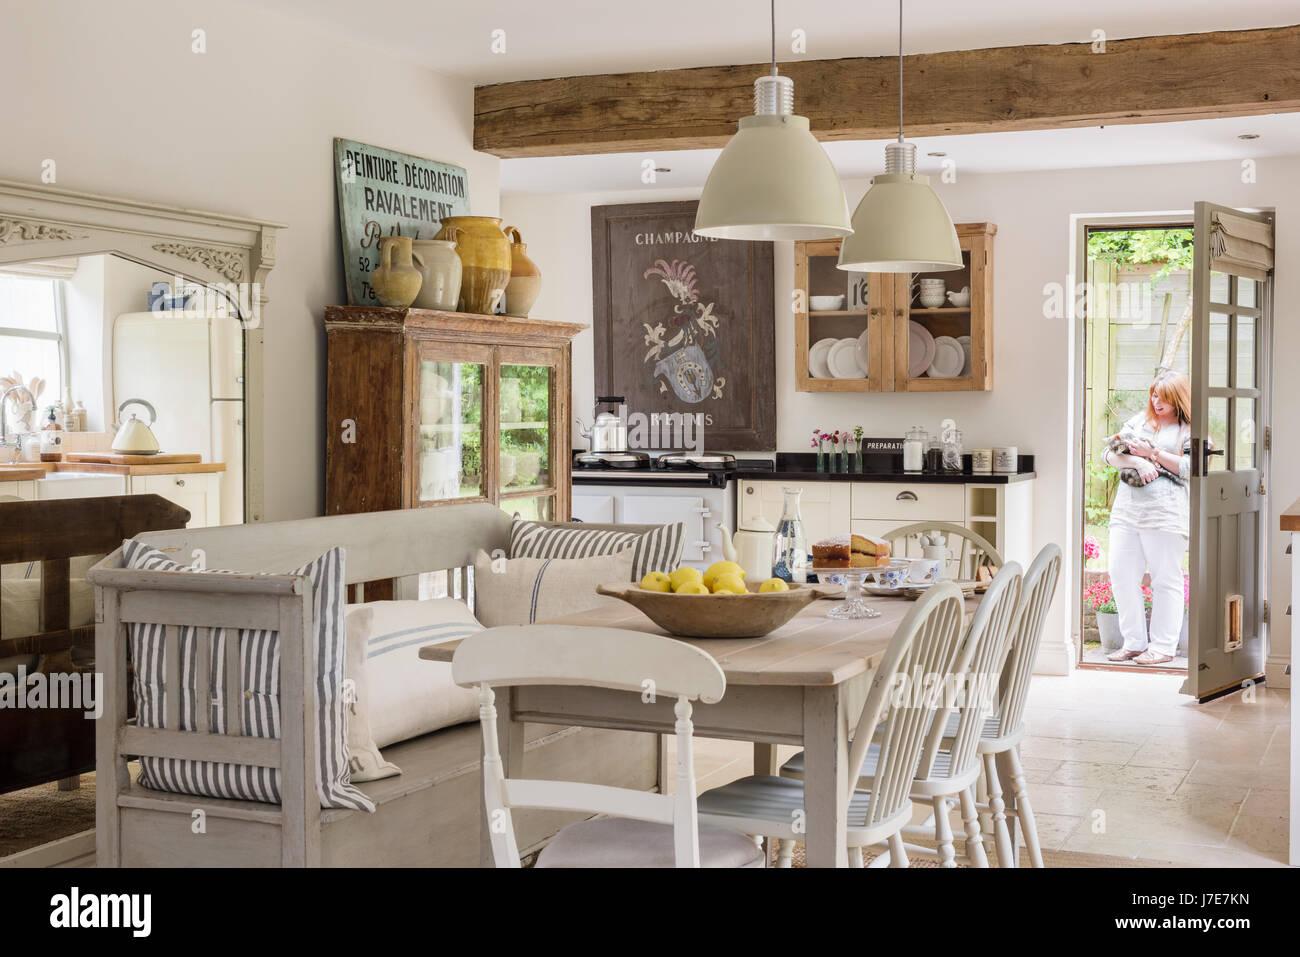 Plan abierto con cocina comedor rústico francés / escandinavo. La ...